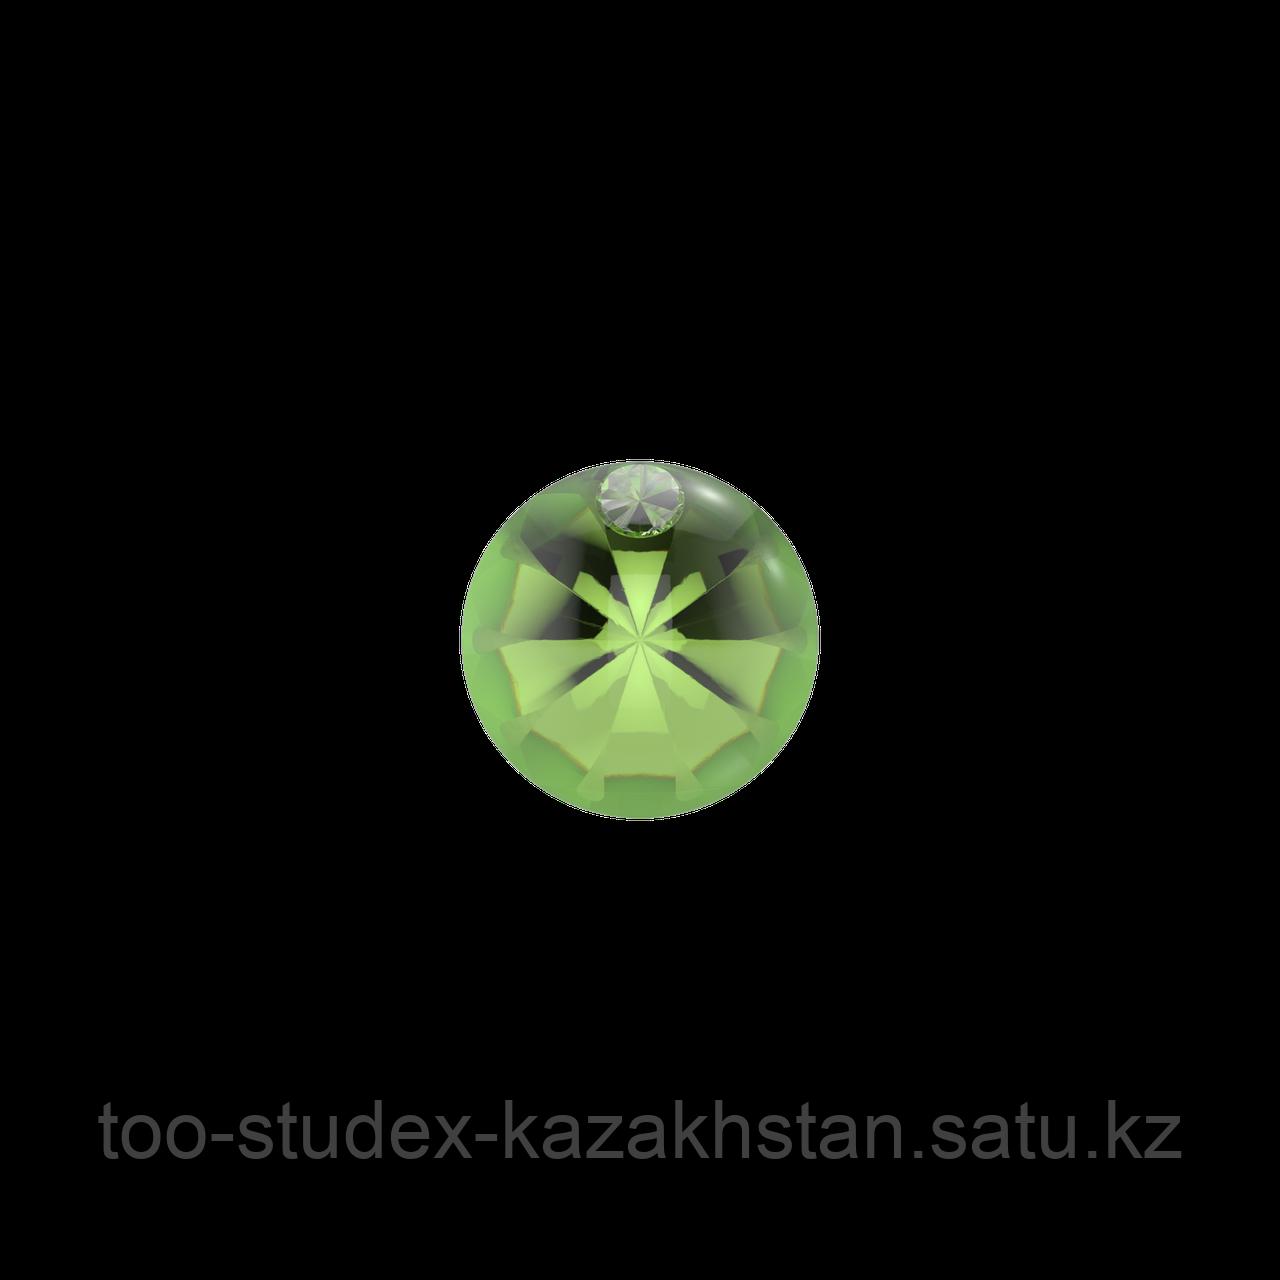 7522-4608 Серьги для прокола STUDEX System75 Зеленый кристалл с цирконом - фото 3